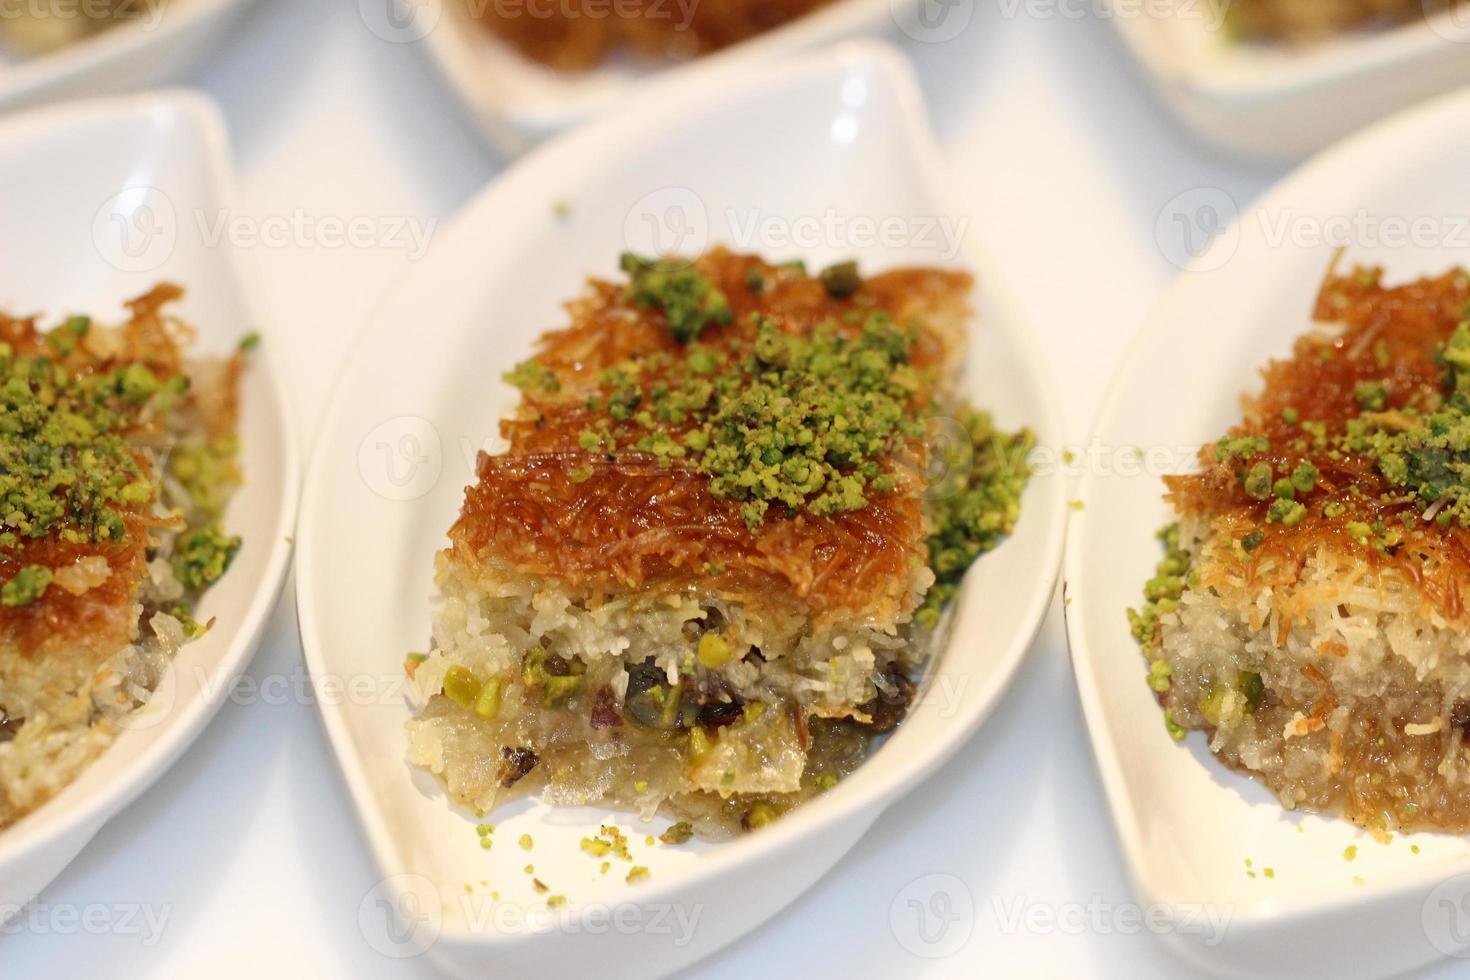 zoet dessert uit het Midden-Oosten foto